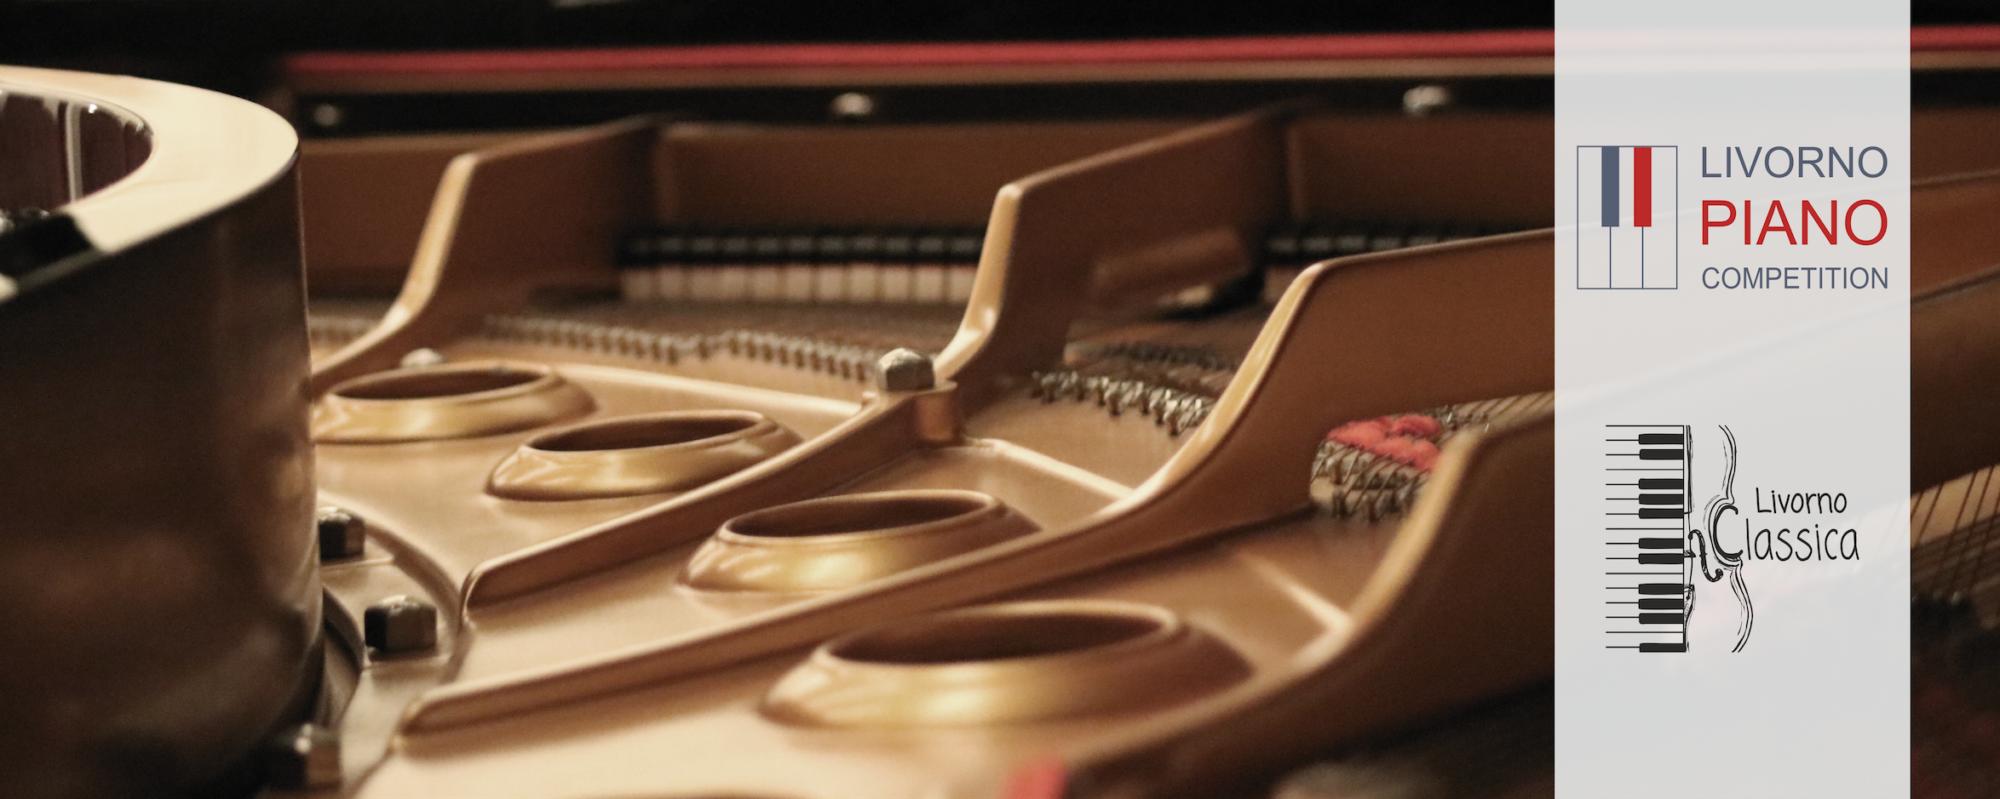 Livorno Piano Competition - 2R Studio Produzioni Multimediali sarà Media Partner per tutto il concorso